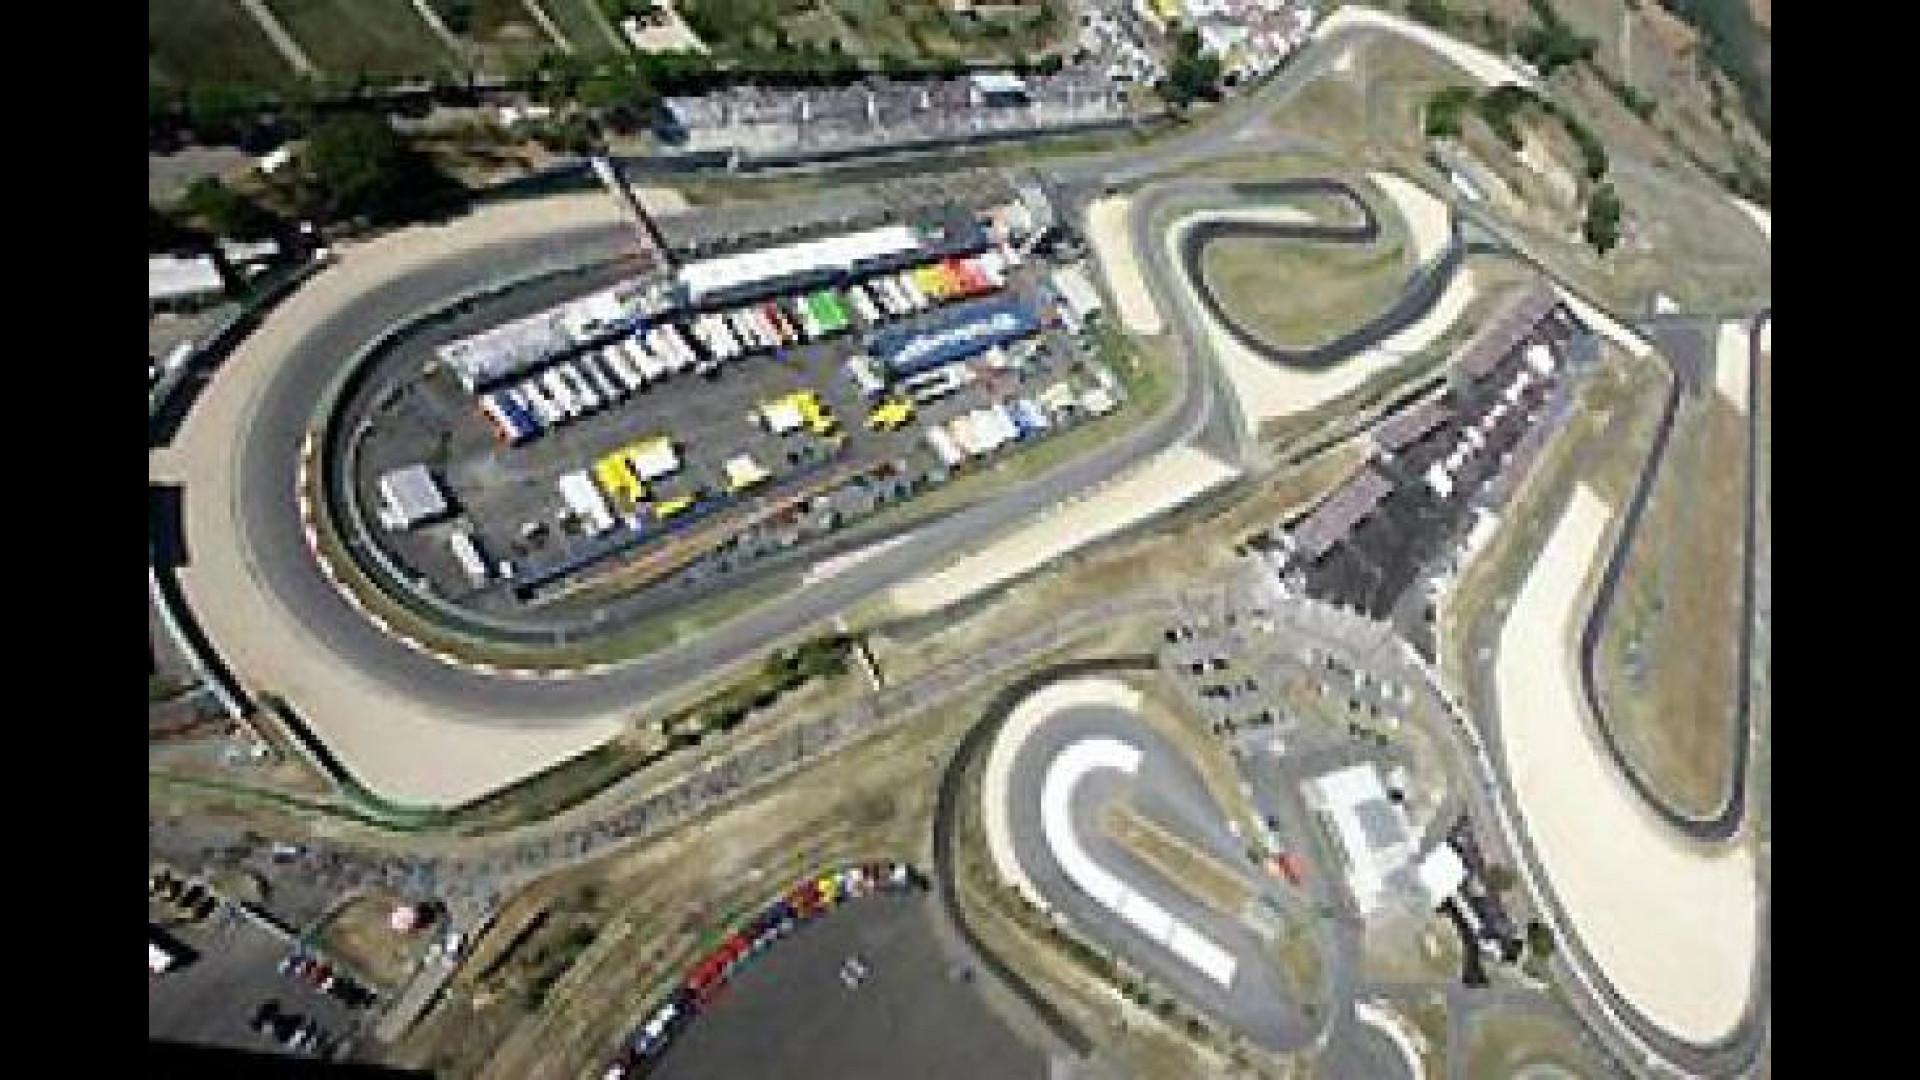 Circuito Vallelunga : Trofeo ferrari circuito vallelunga